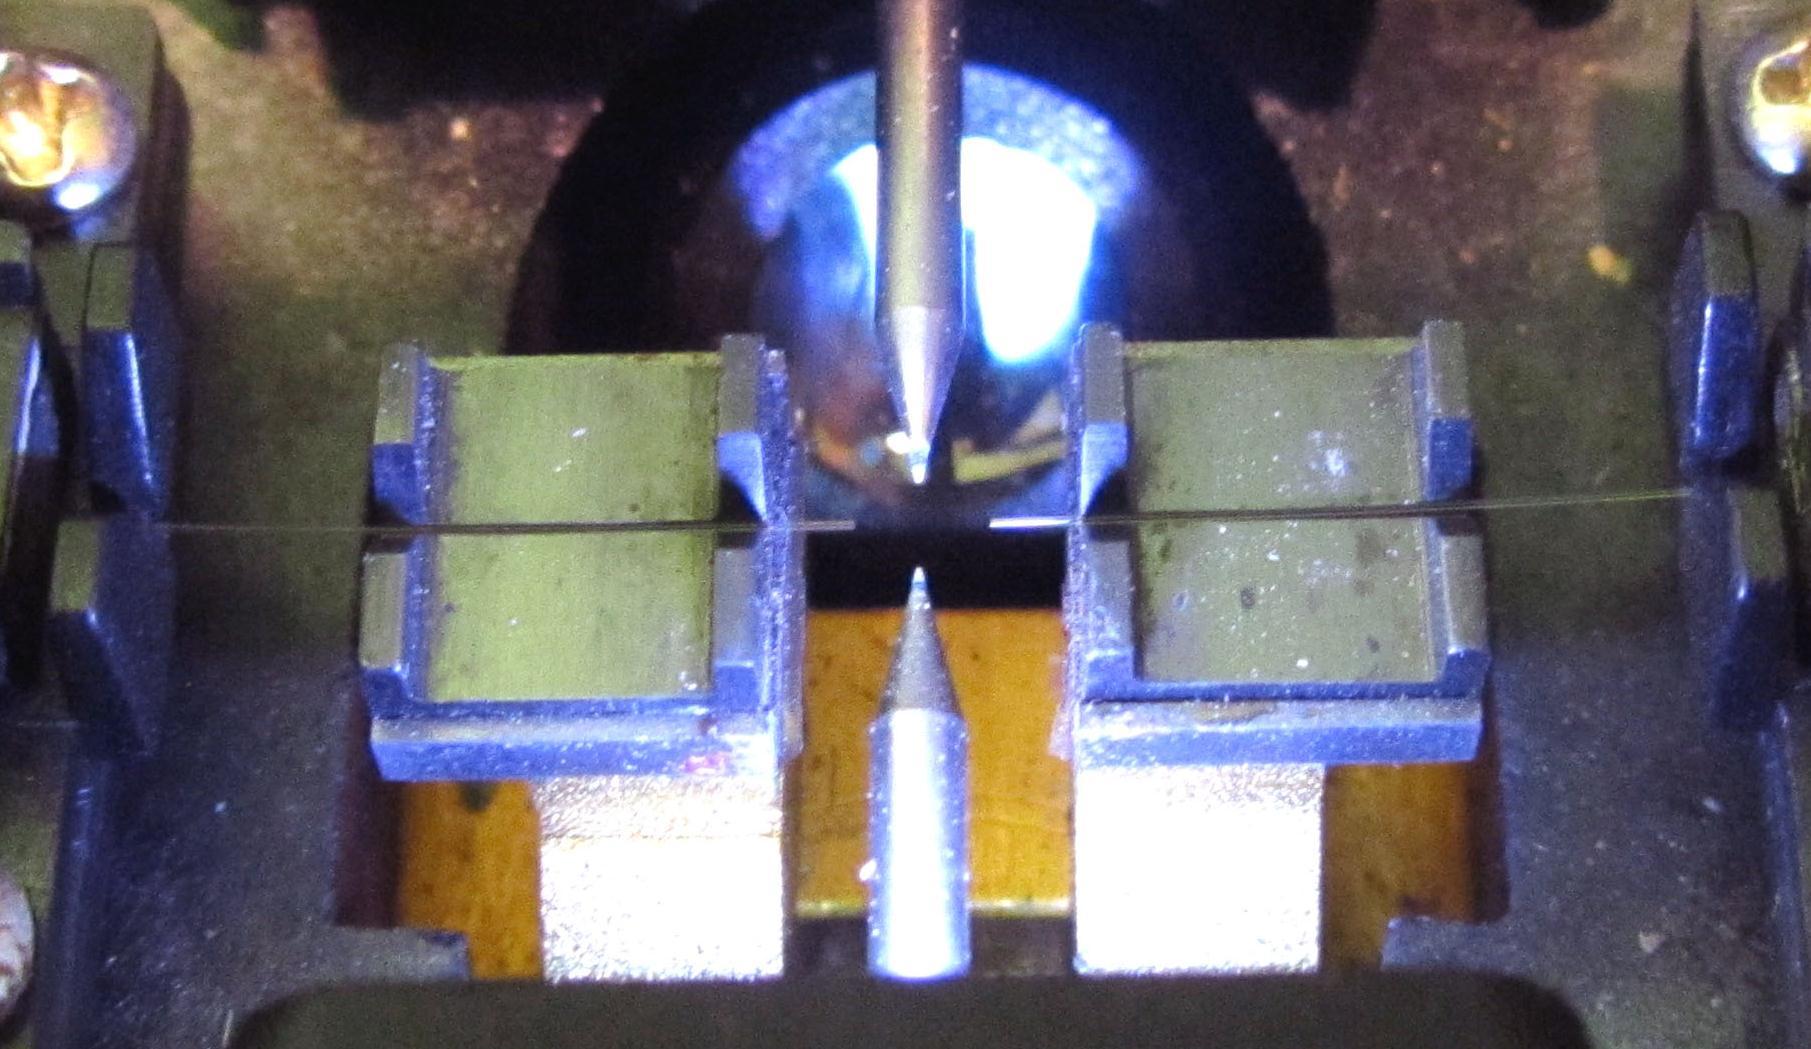 Сварка оптических волокон. Часть 1: кабели и их разделка, оптический инструмент, муфты и кроссы, коннекторы и адаптеры